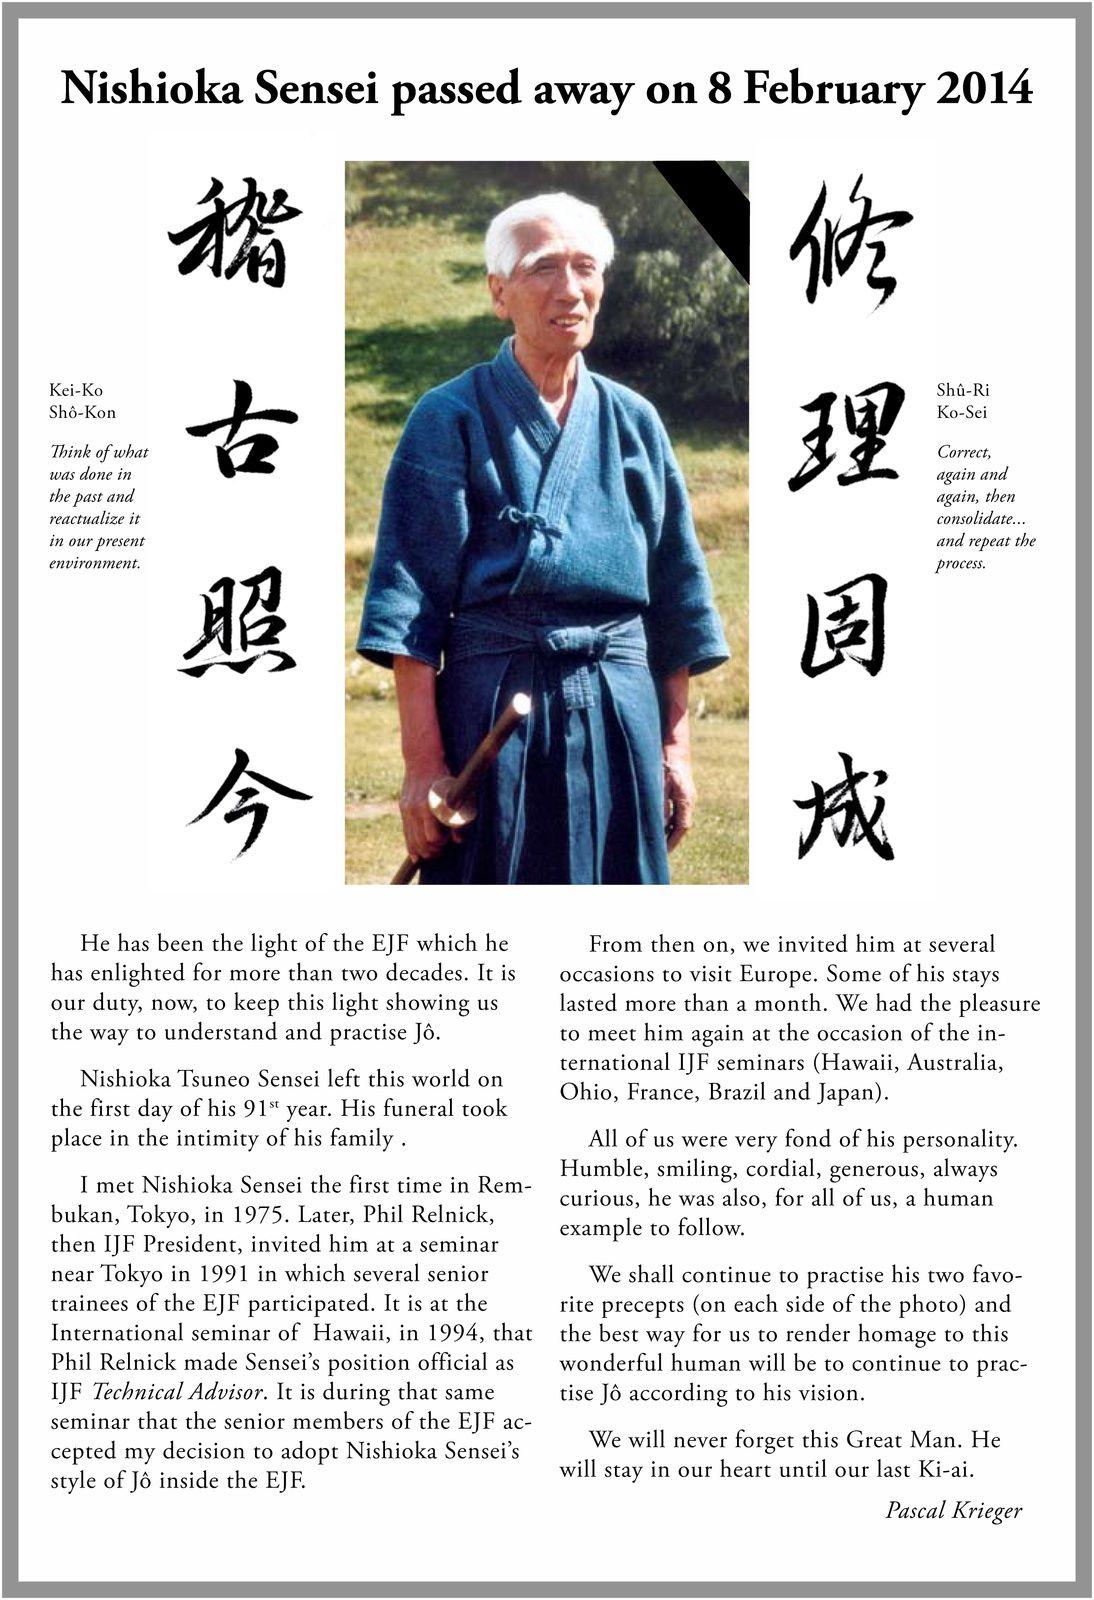 Mots d'adieux de Pascal Krieger à Me Nishioka